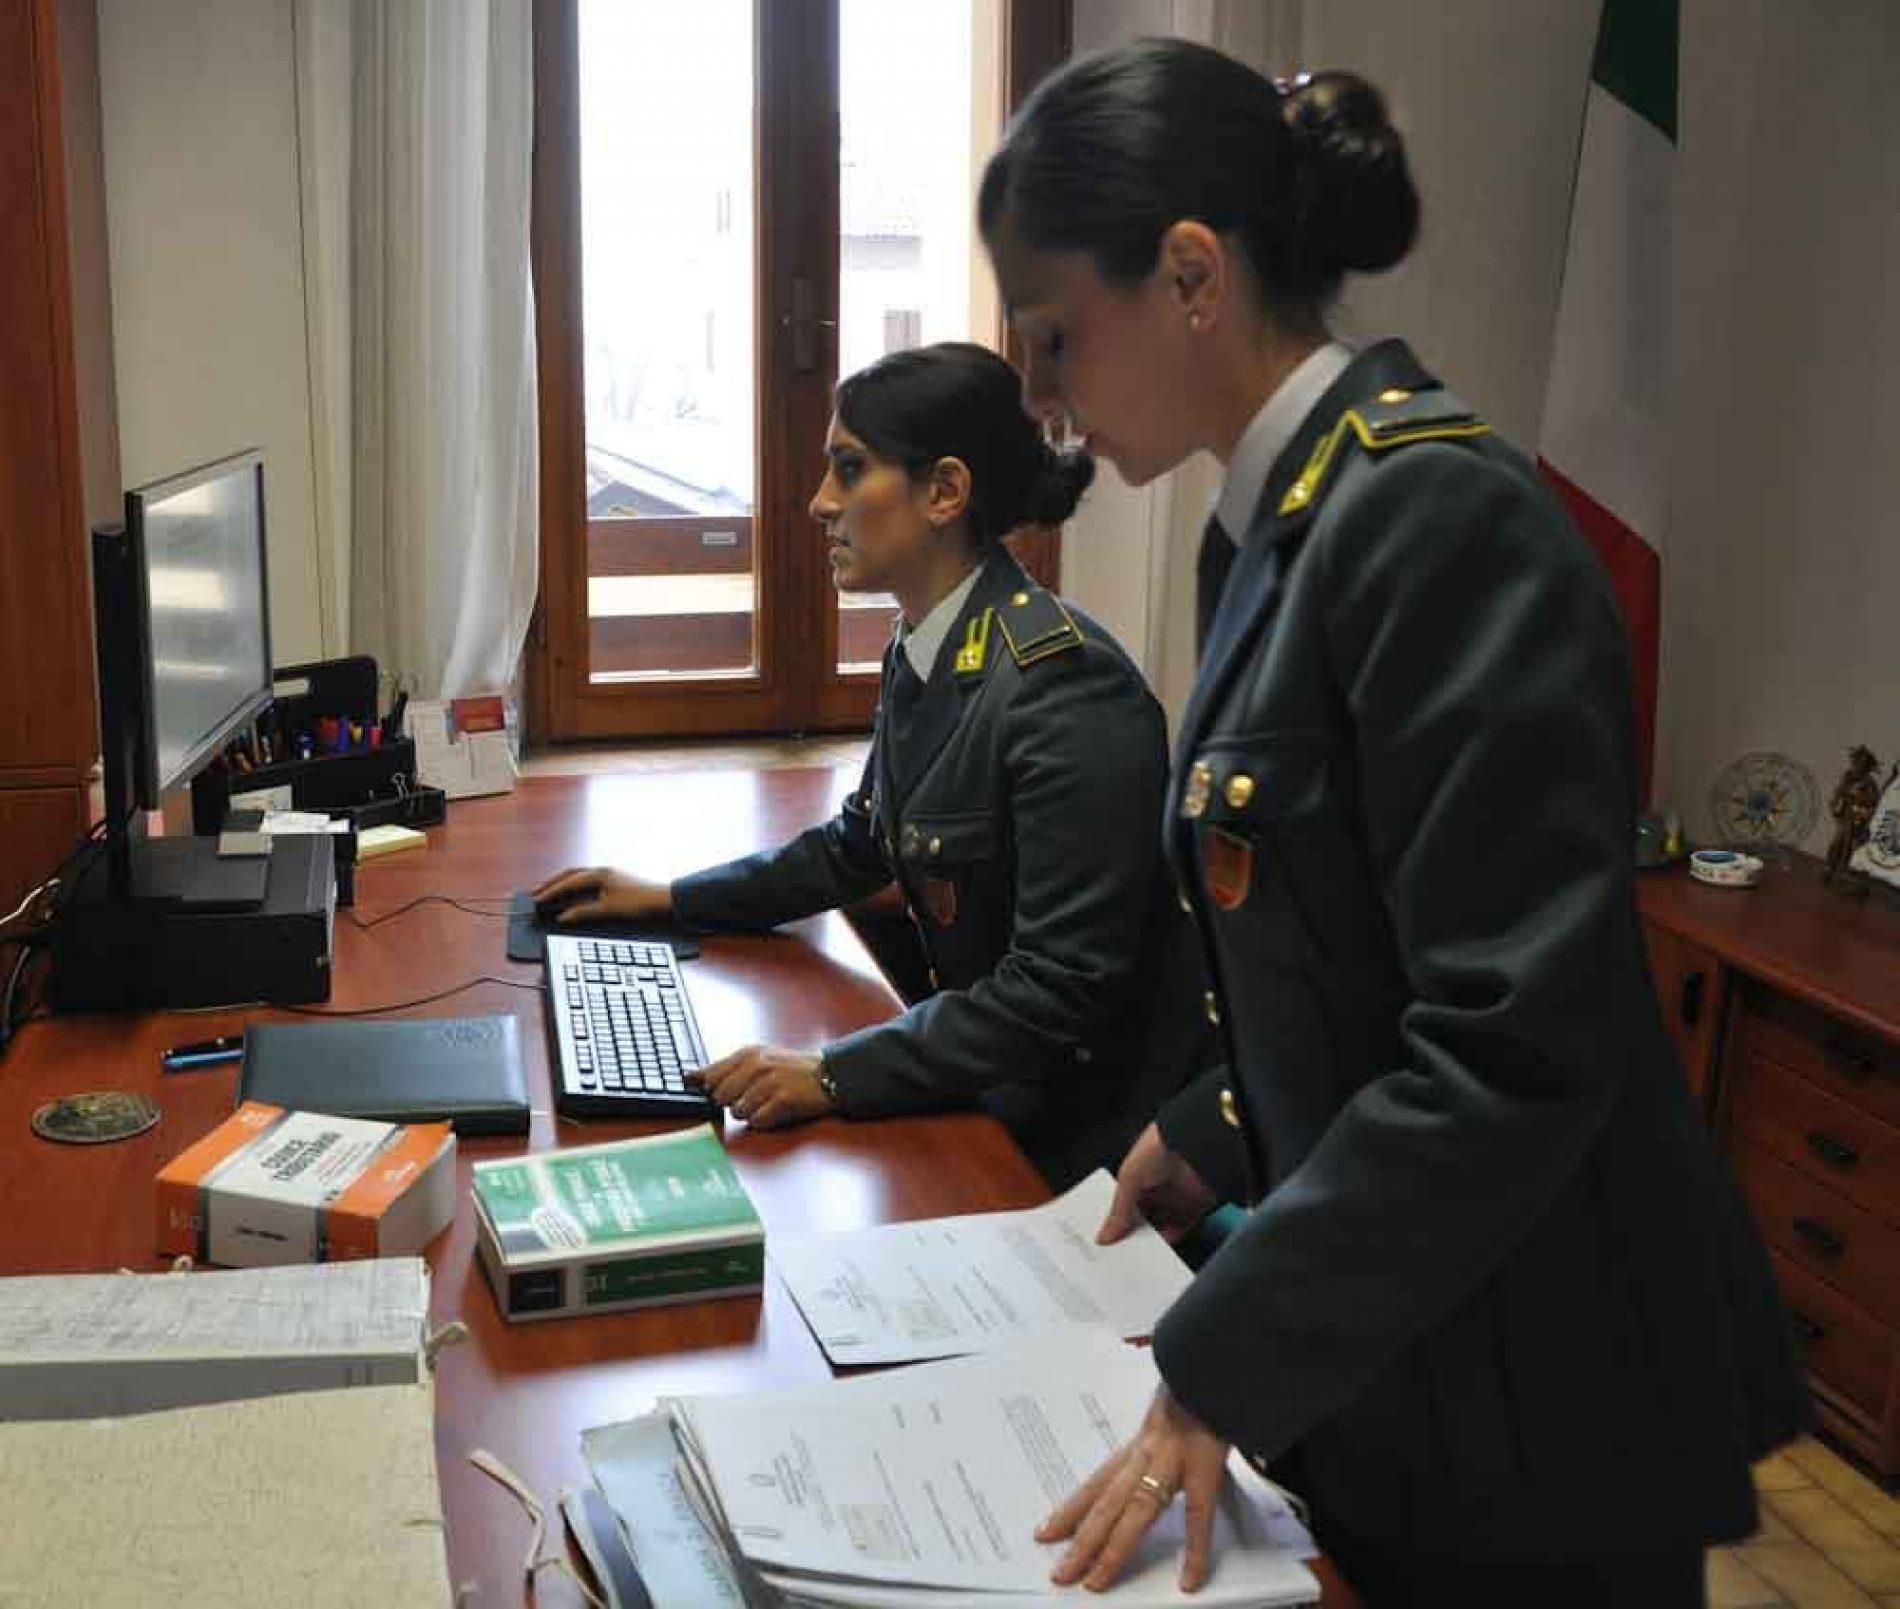 CATANIA. GdF Catania: Denunciati madre e figlio per circonvenzione di incapace ed autoriciclaggio. Gli indagati avevano sottratto beni immobili e liquidità ad un cittadino calatino, per oltre 627.000,00 euro